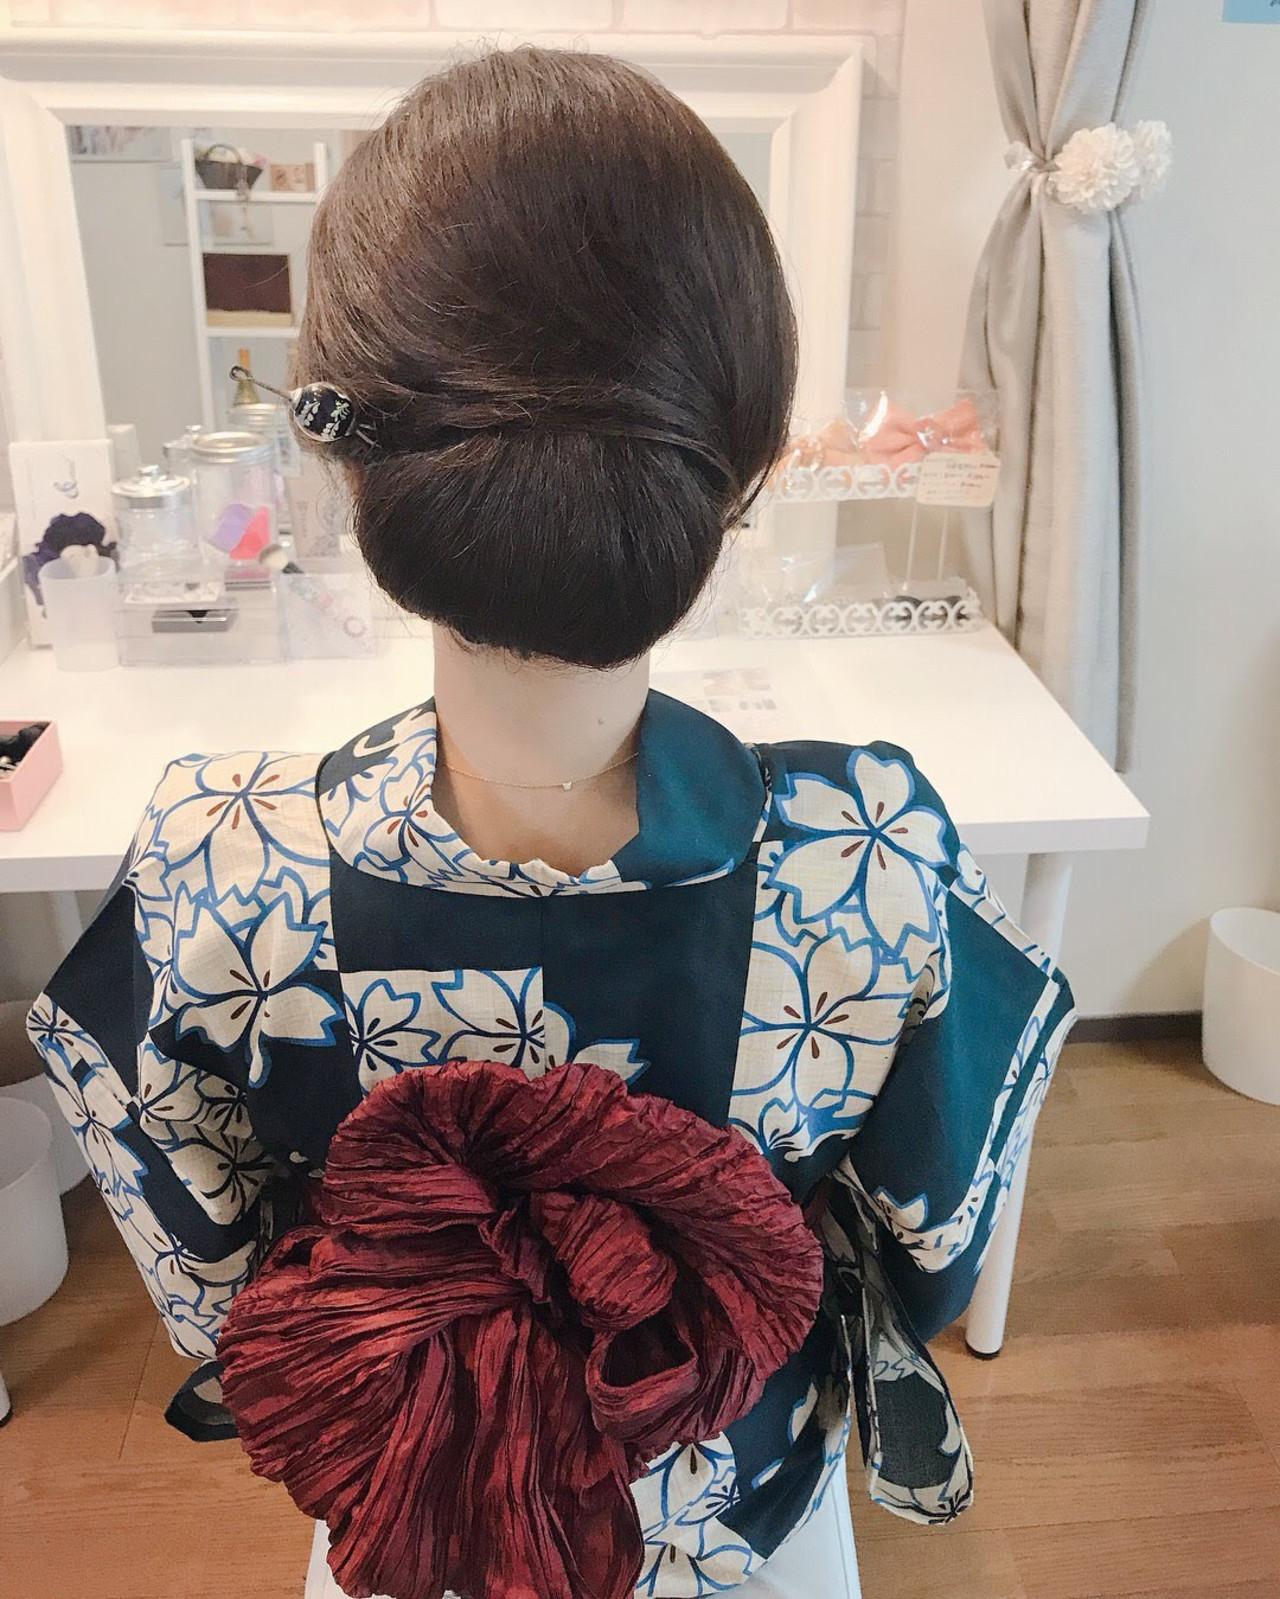 エレガント 結婚式 ロング シニヨン ヘアスタイルや髪型の写真・画像